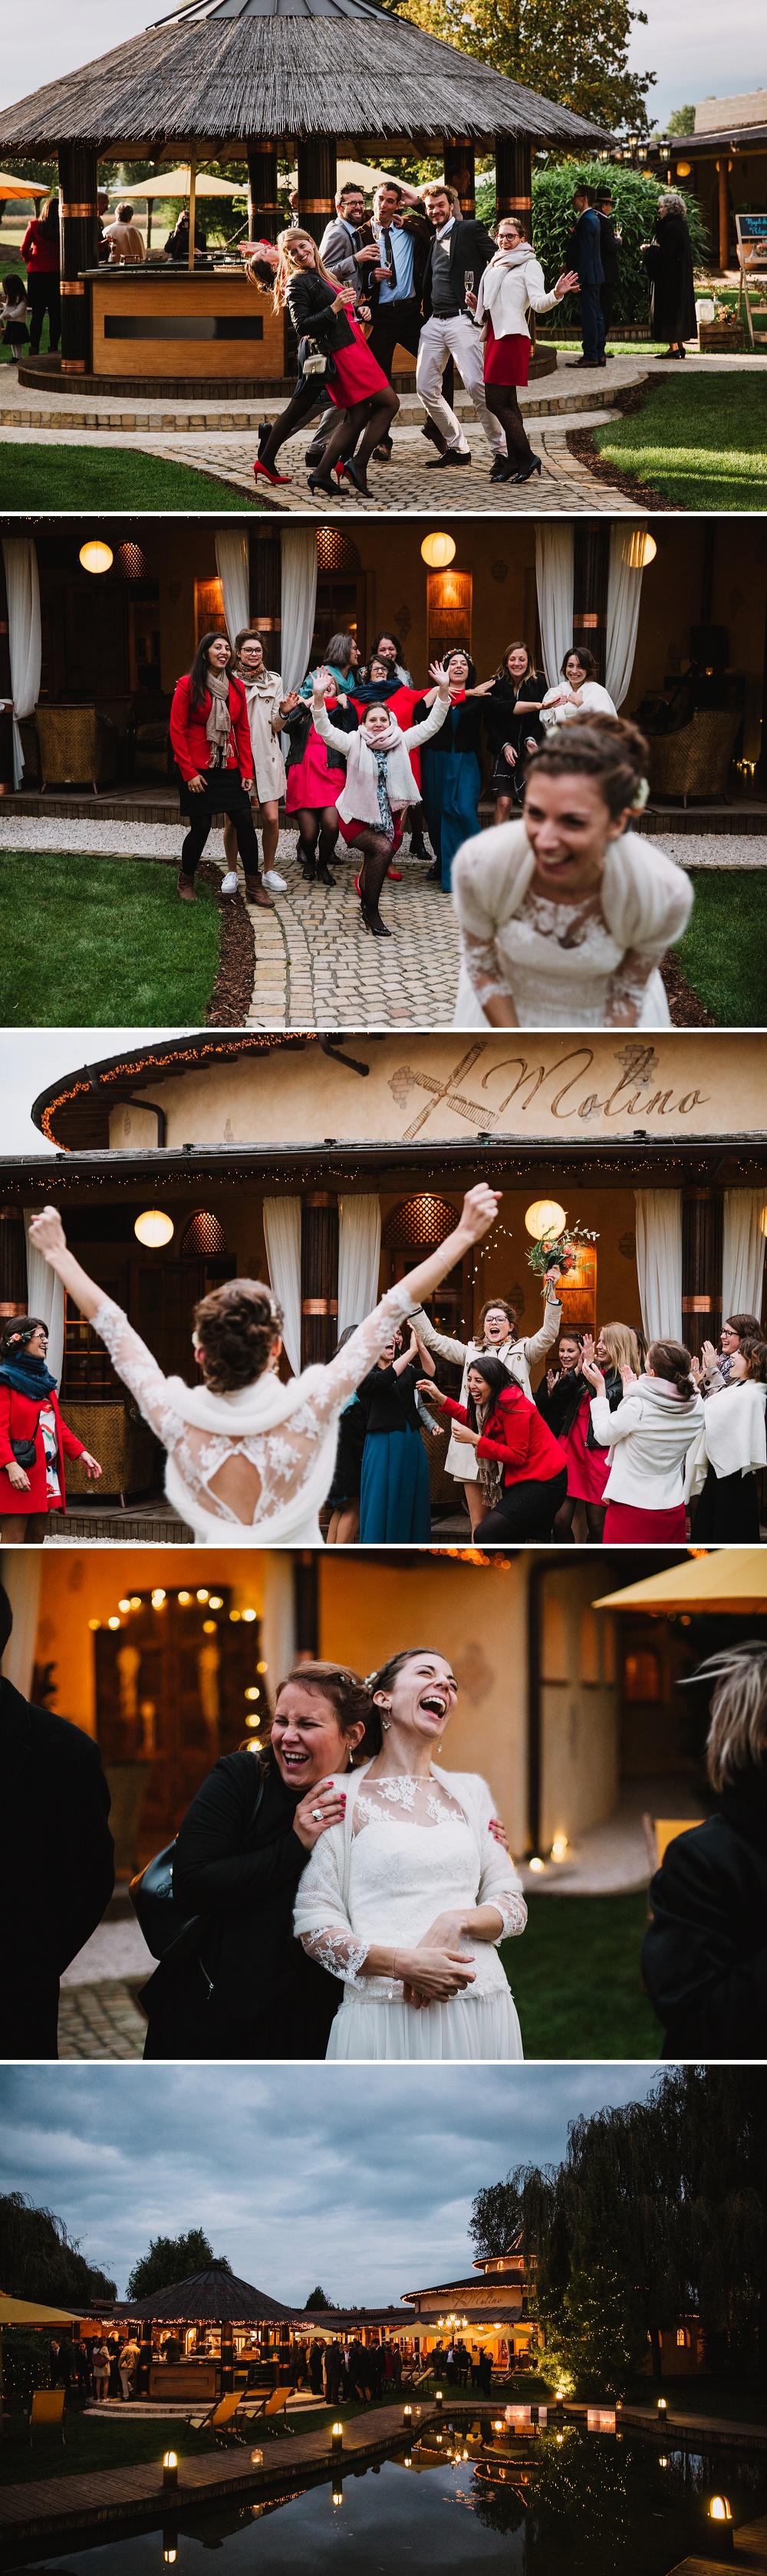 mariage-allemagne-molino-15.jpg